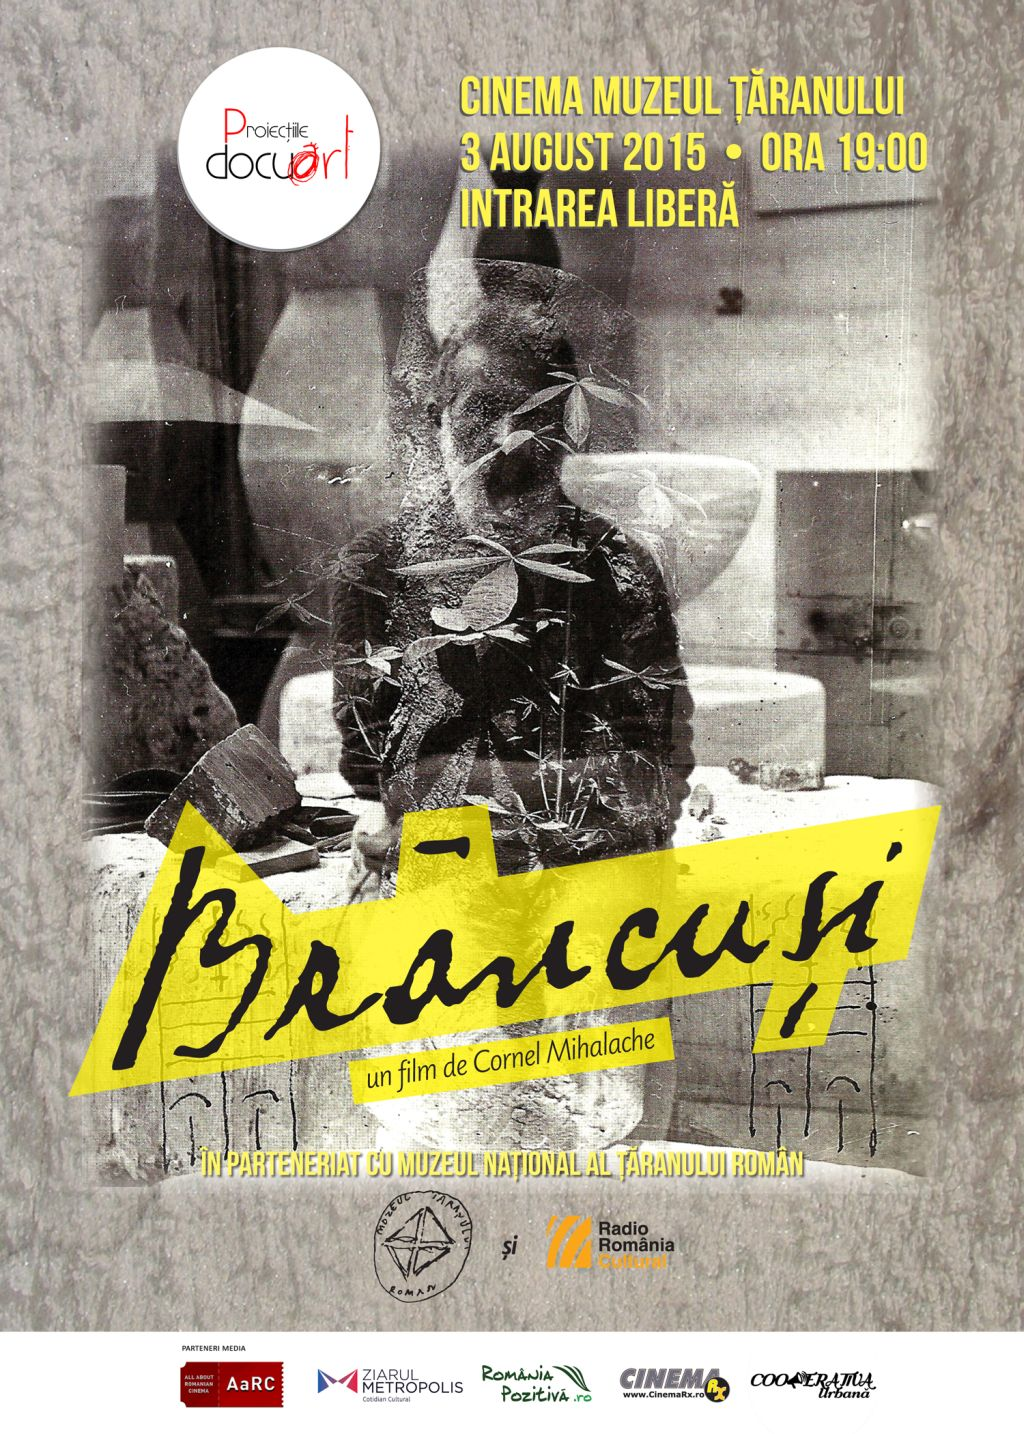 Brâncuşi (1996) - Photo